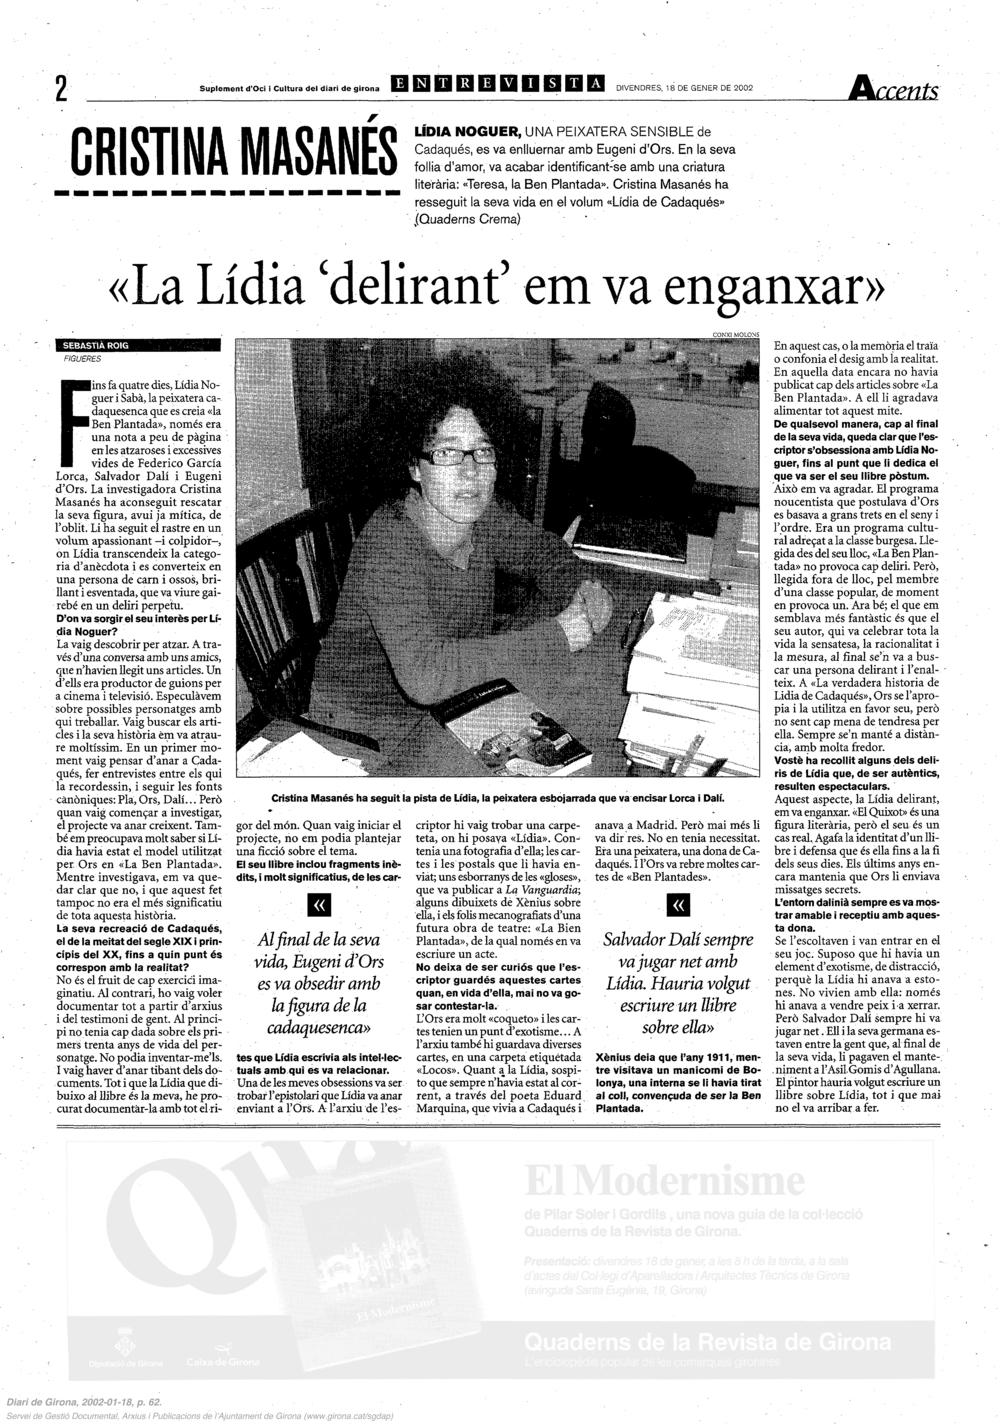 LídiaCadaqués_DIARIGIRONA_S.Roig copia.jpg